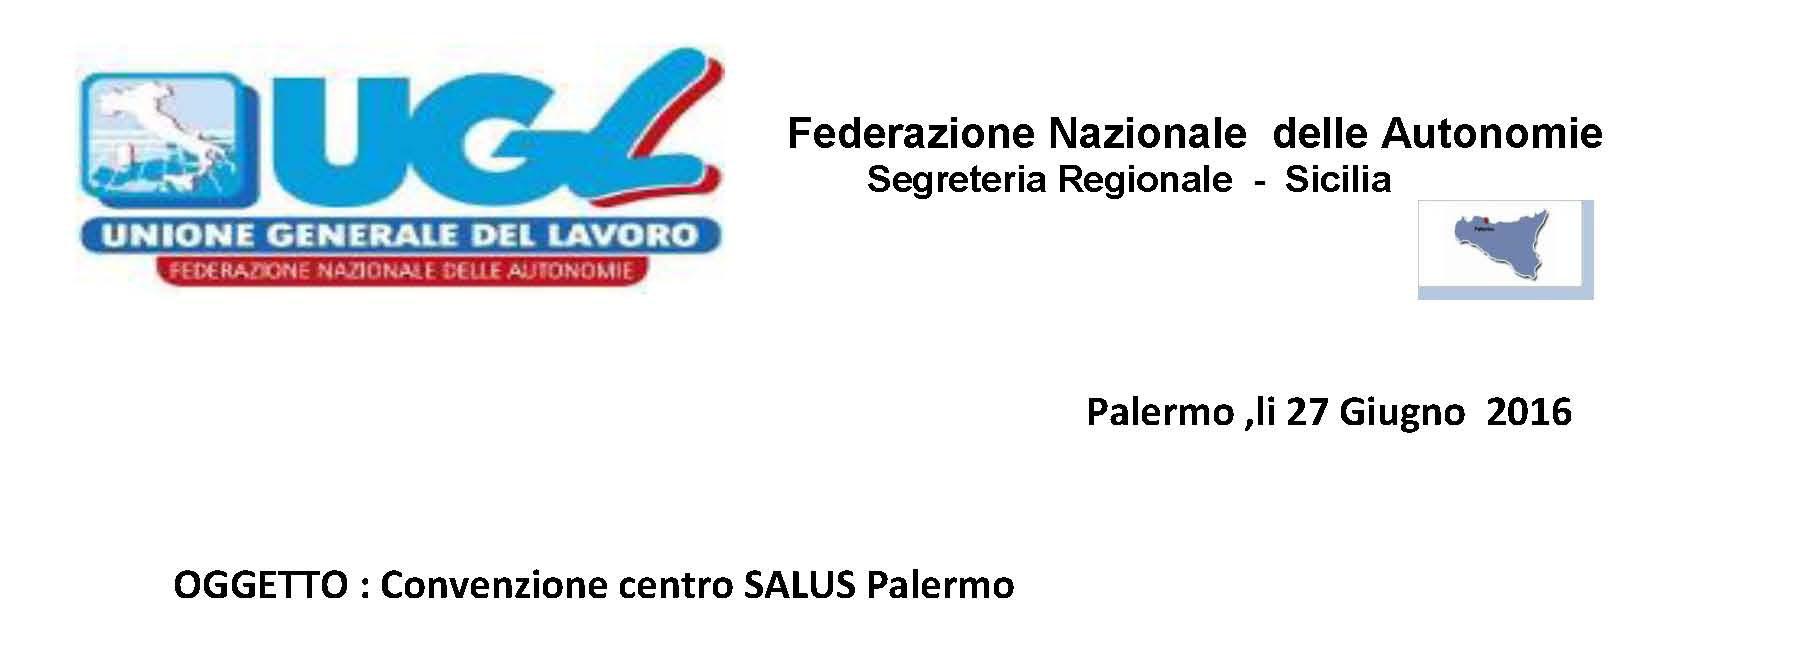 Convenzione centro SALUS Palermo